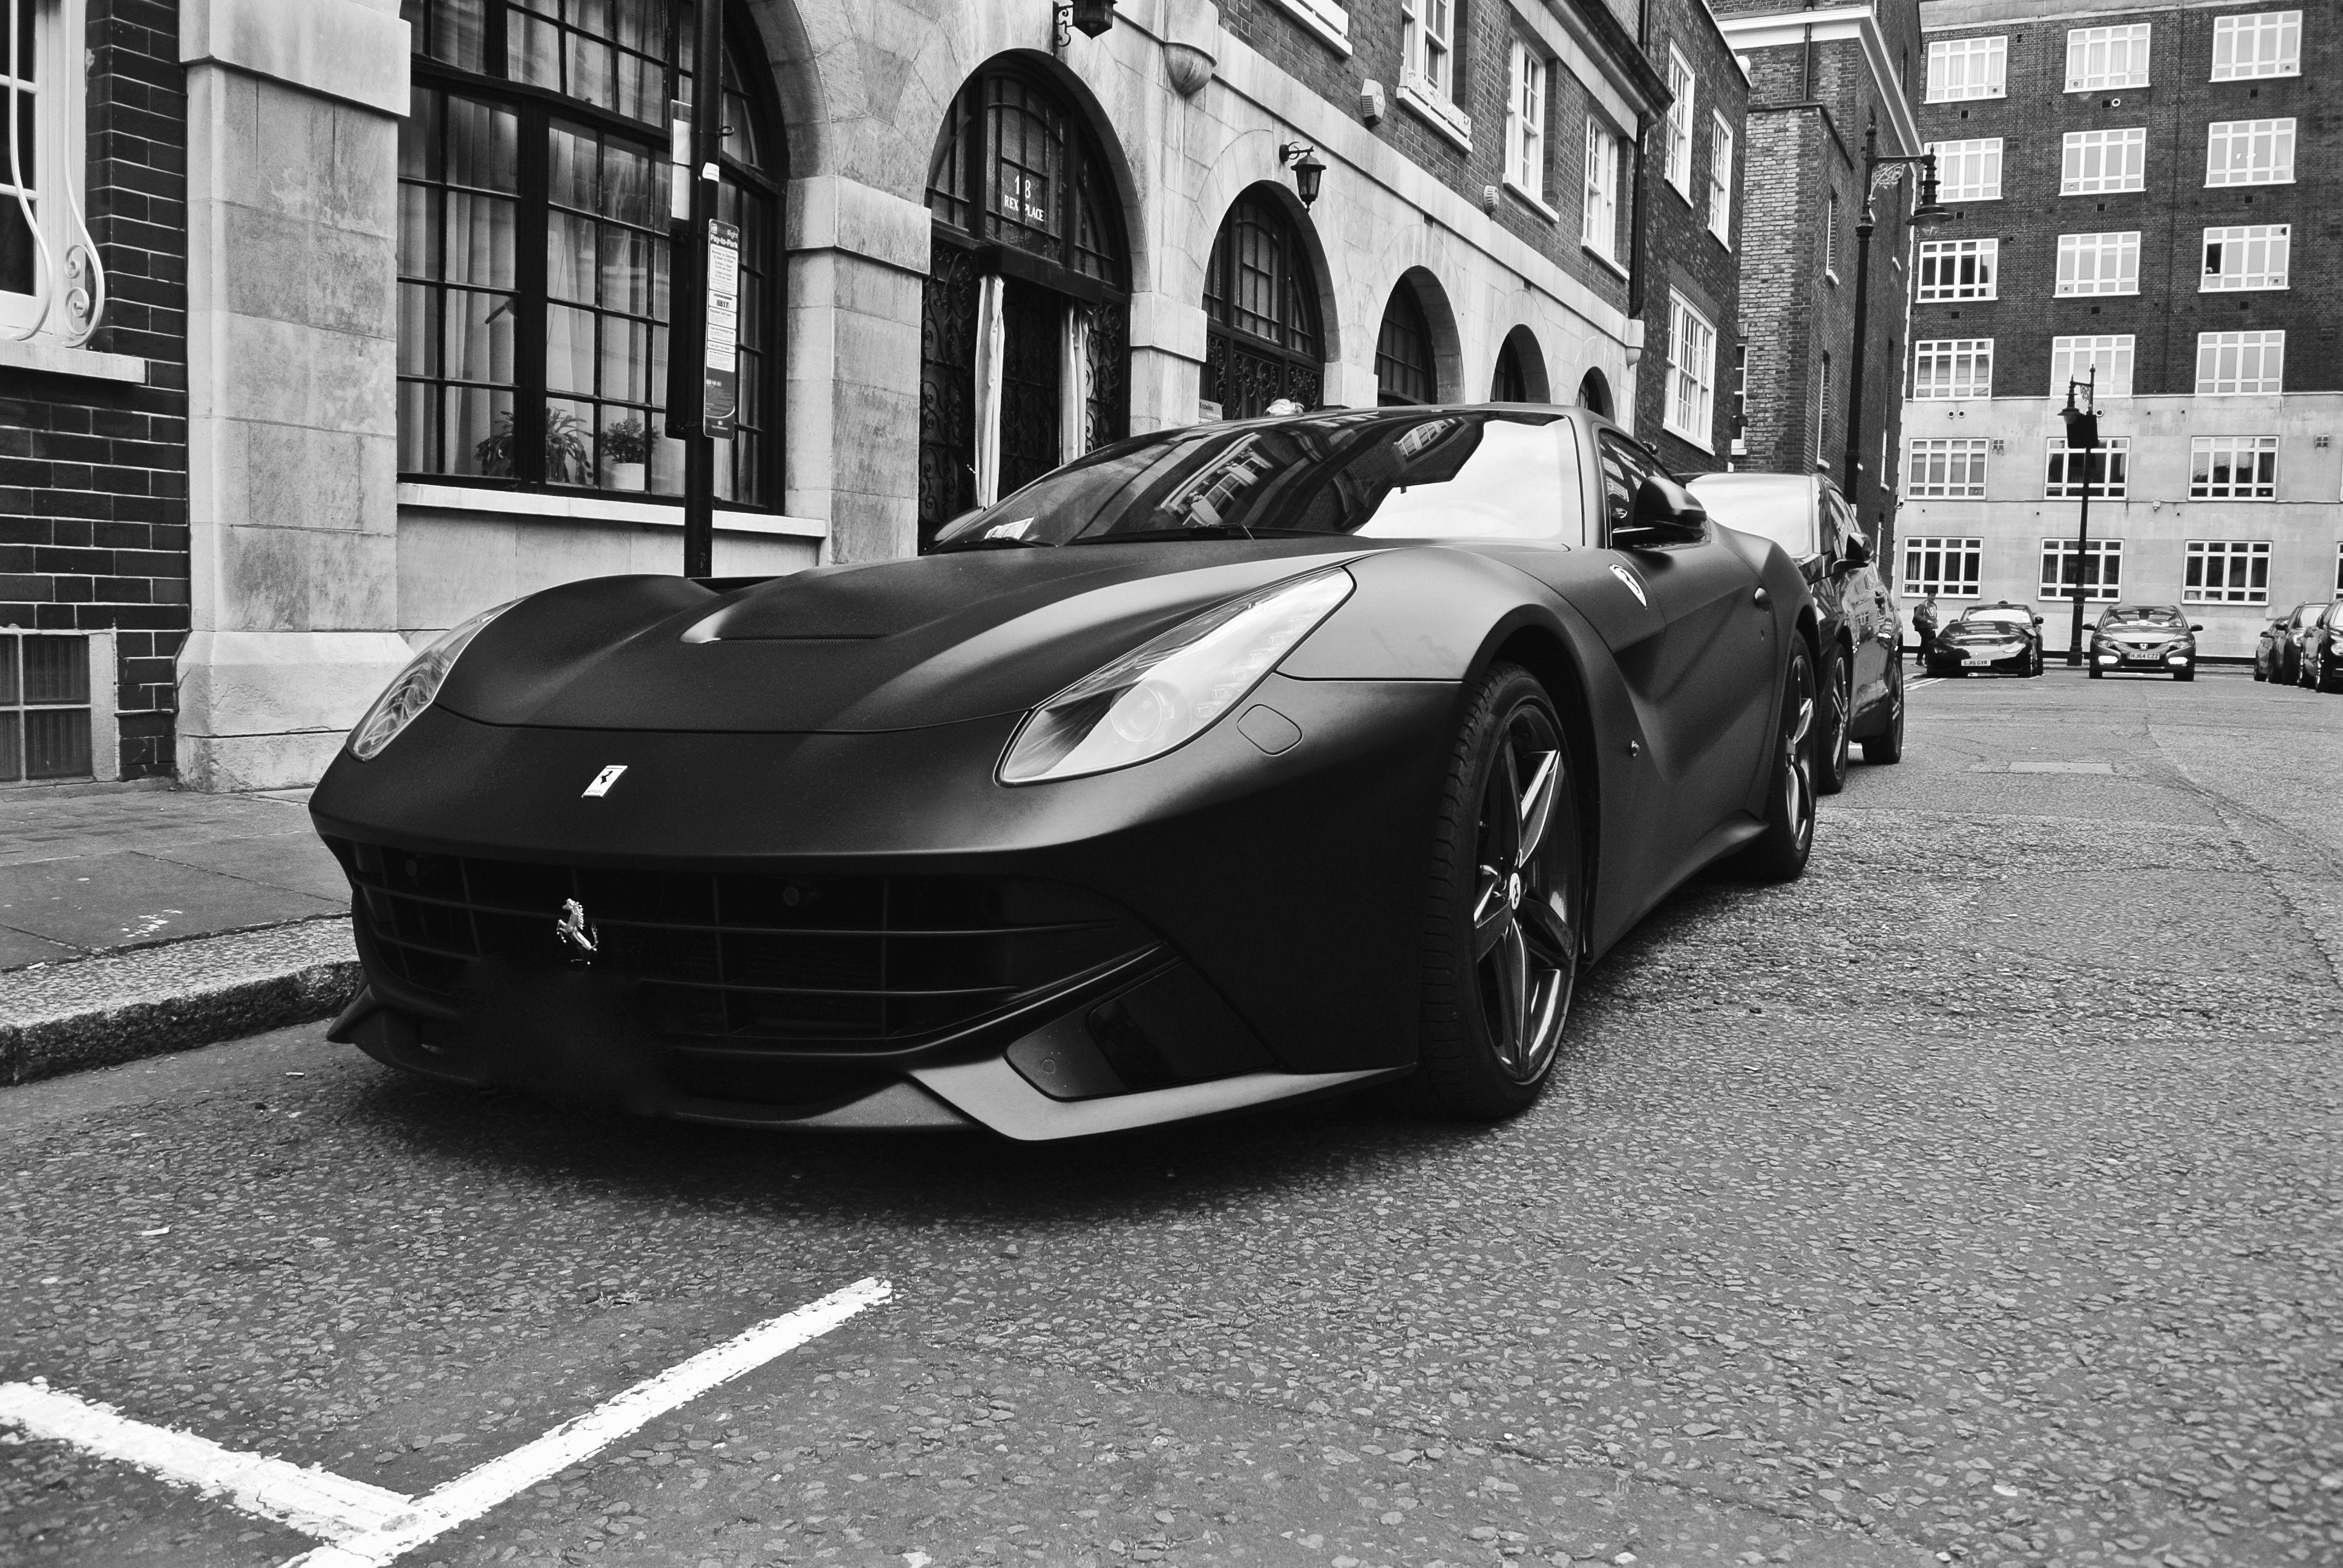 Ferrari F12 Berlinetta, London